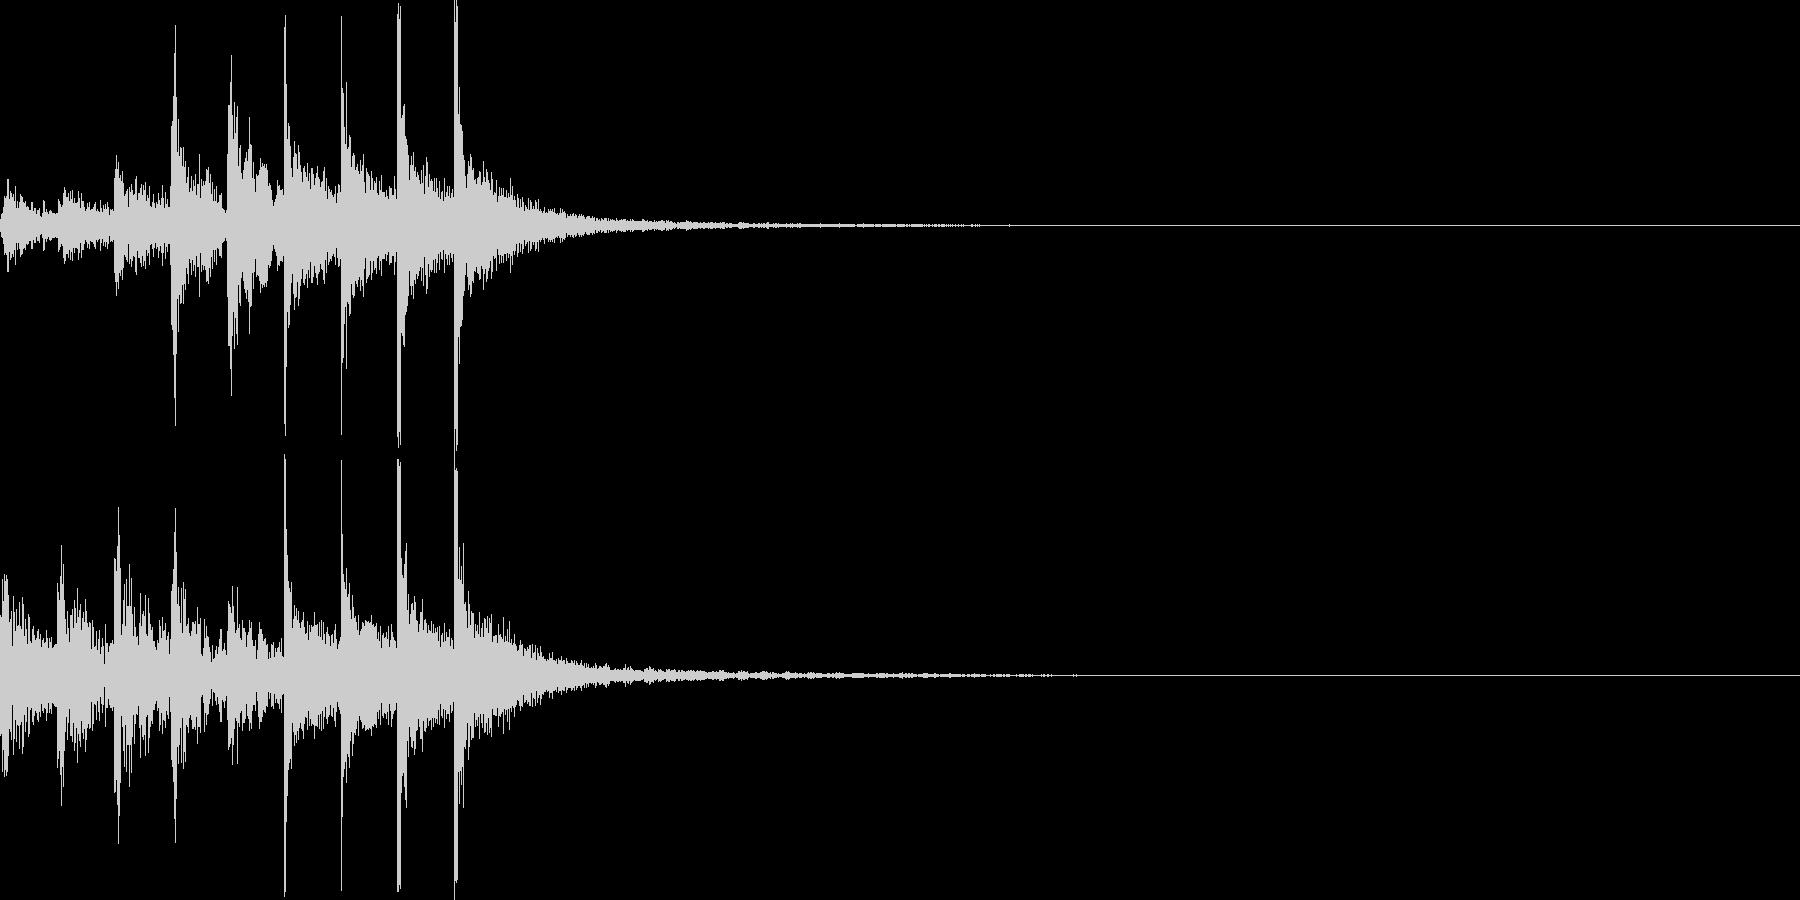 タム回し/高音へ/ドラムフィル/2の未再生の波形